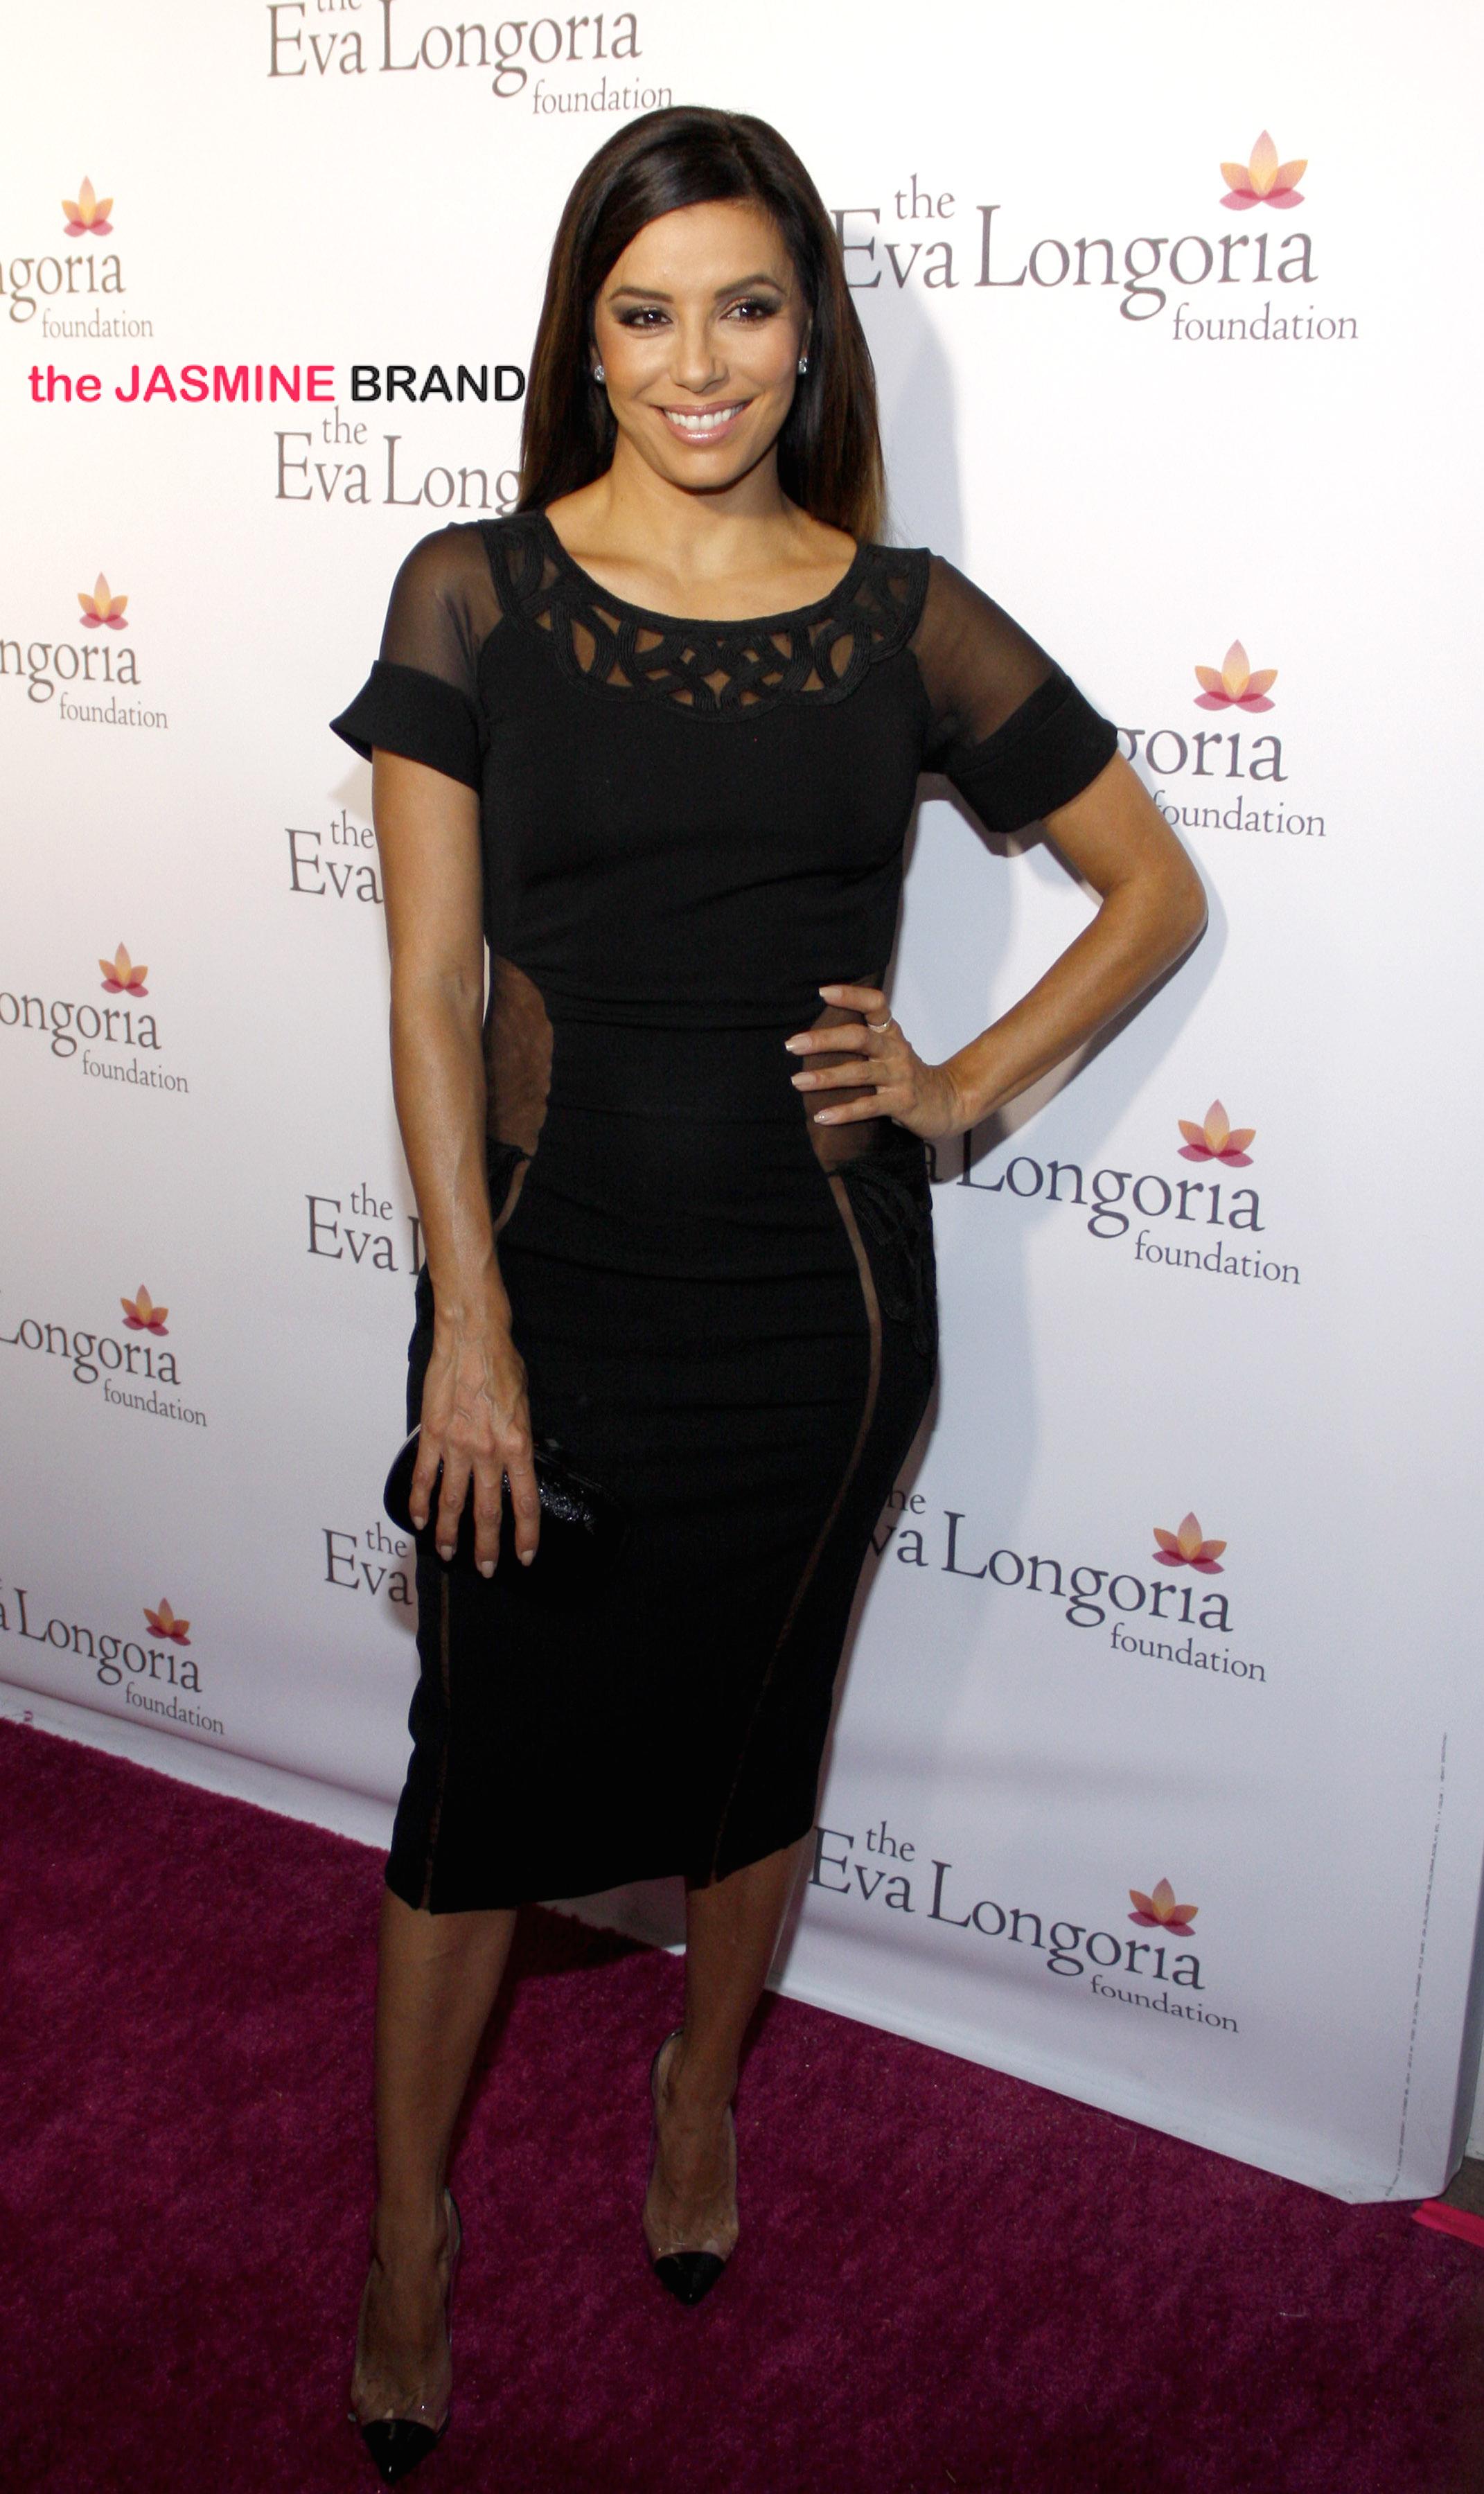 2014 Eva Longoria Foundation Dinner - Arrivals